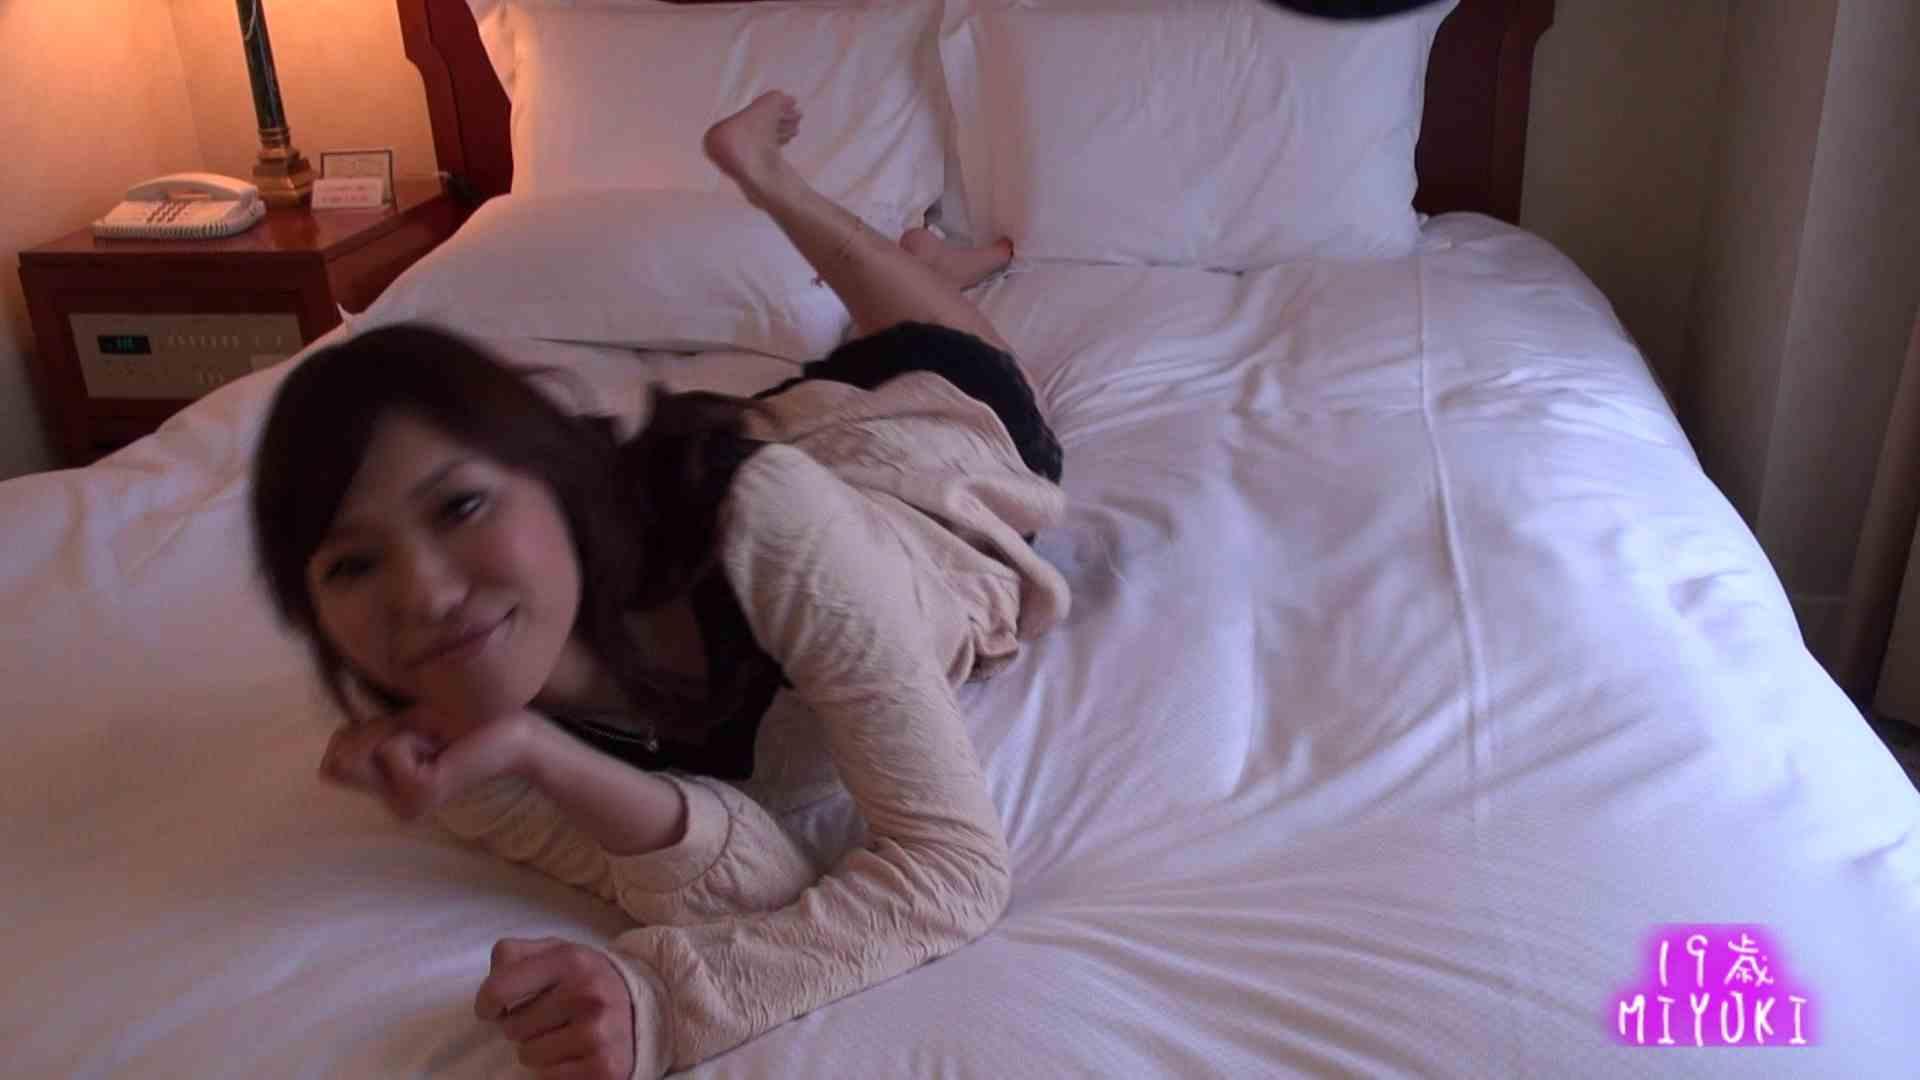 カメラテストを兼ねて、MIYUKIちゃんのイメージ撮影 メーカー直接買い取り | 素人  80画像 34